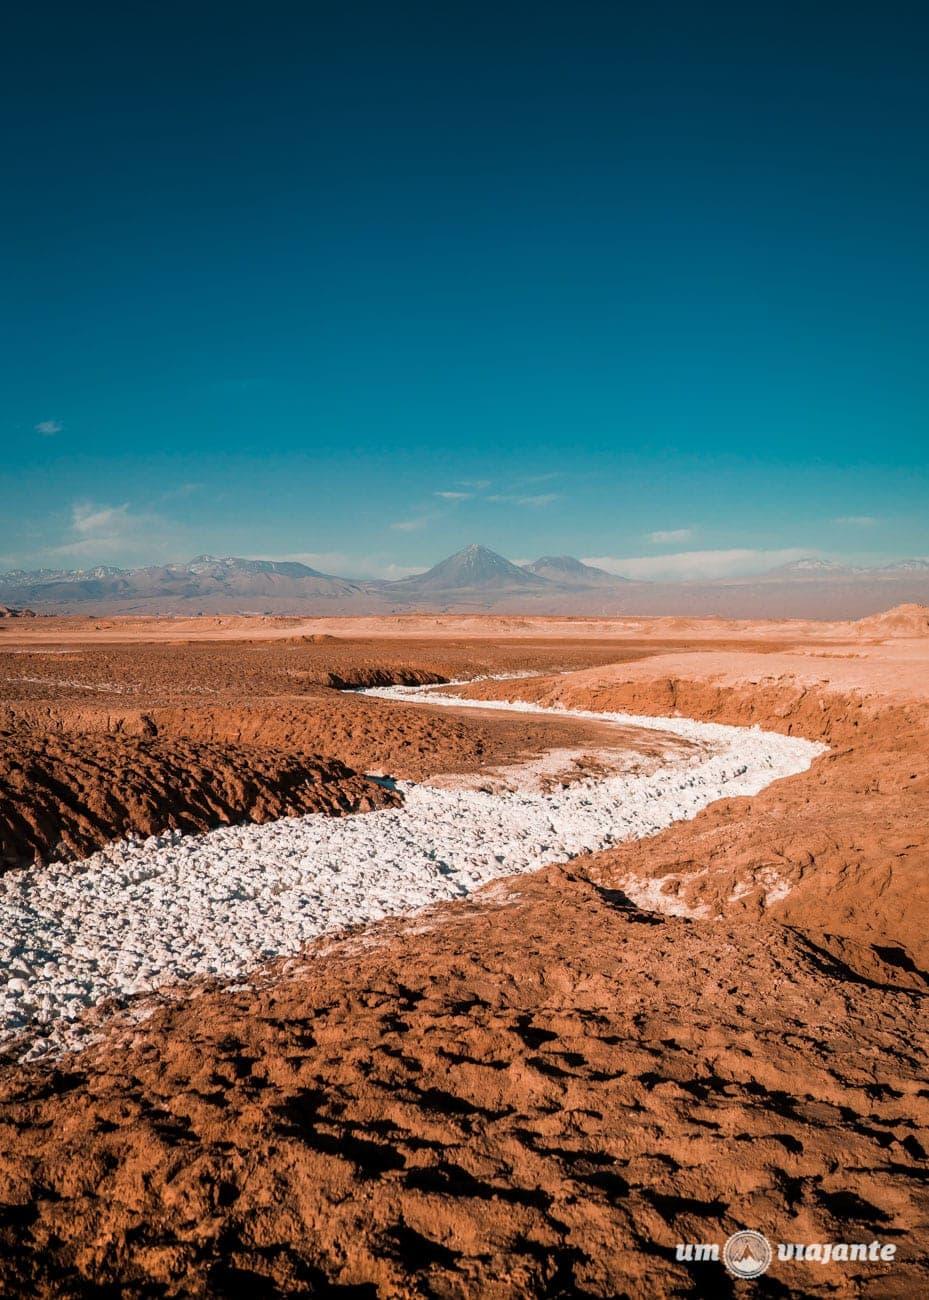 Vallecito, Atacama